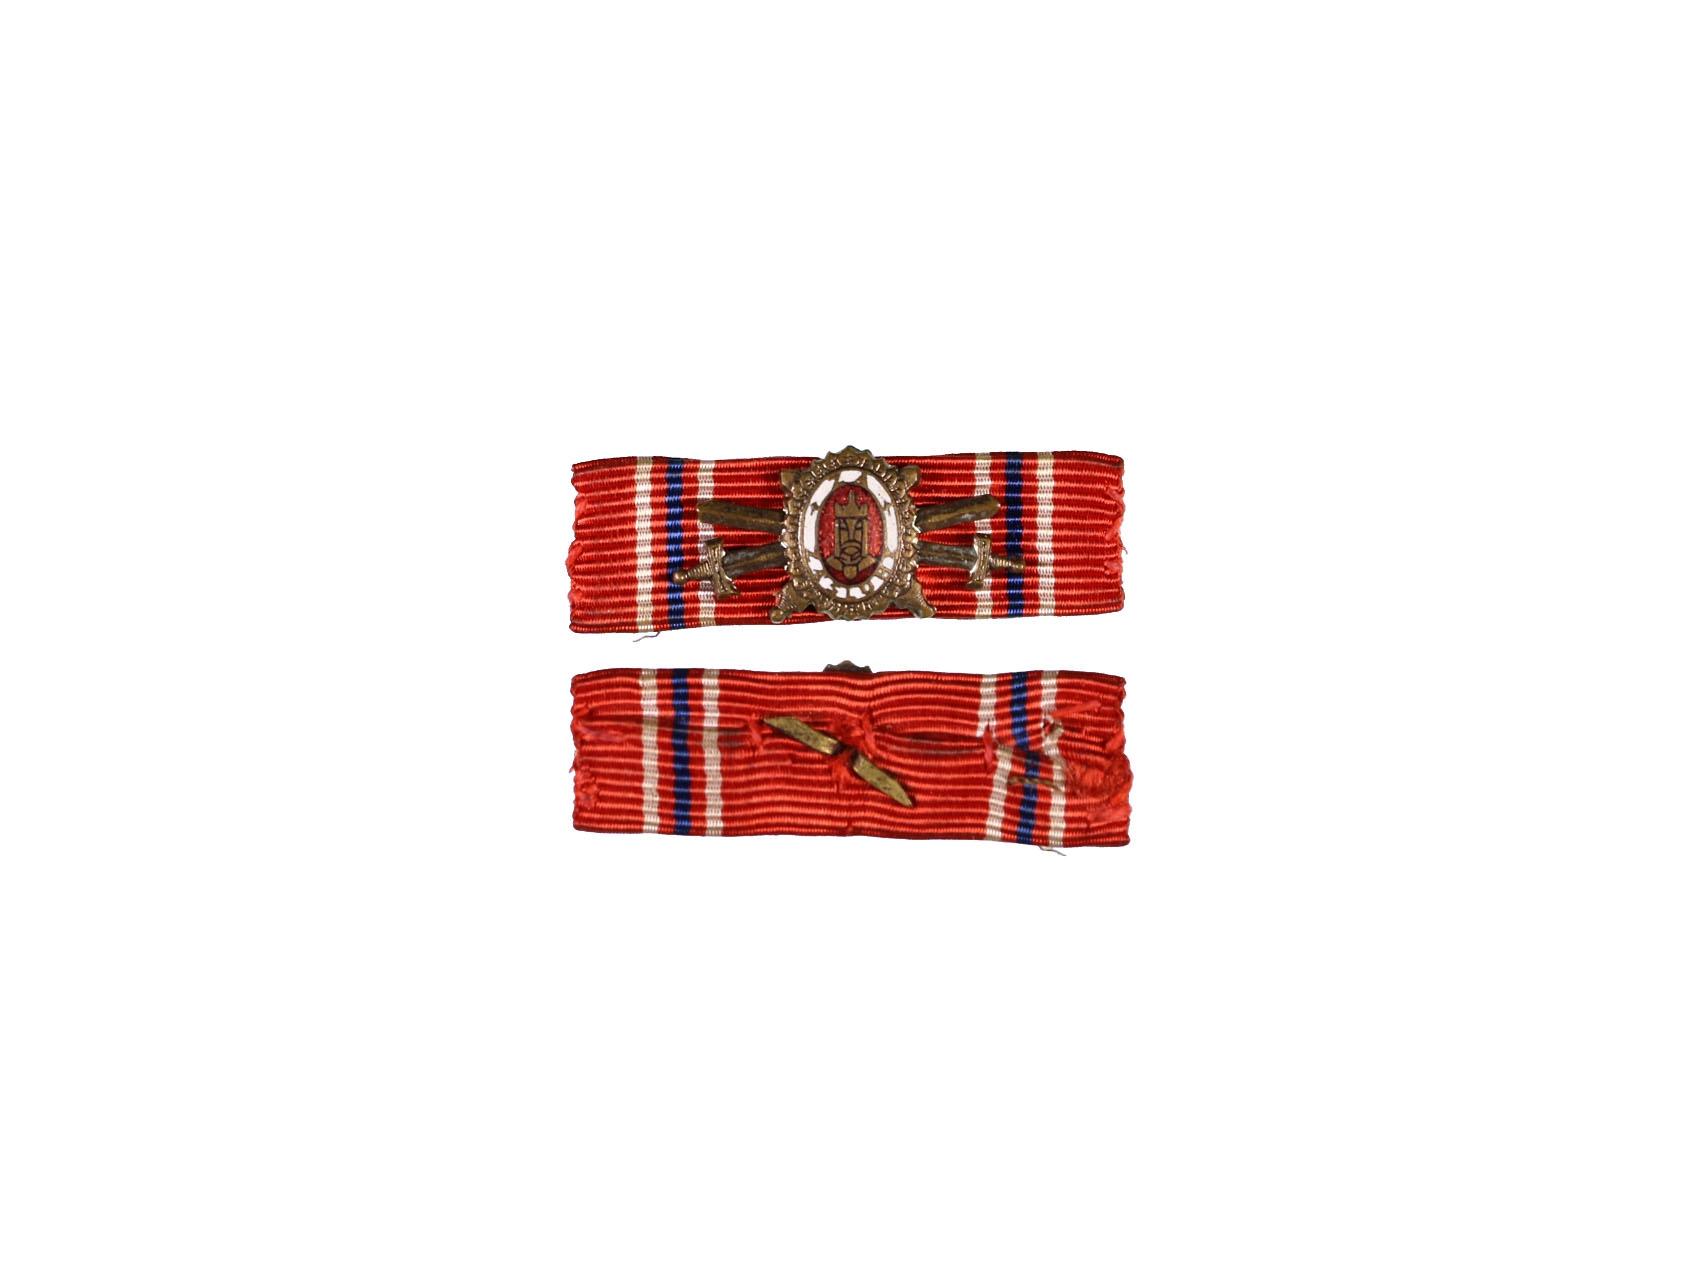 Miniatura Diplomového čestného odznaku krále Karla IV., stupeň čestný člen, za vojenské zásluhy, typ 1945-1949, na ministužce